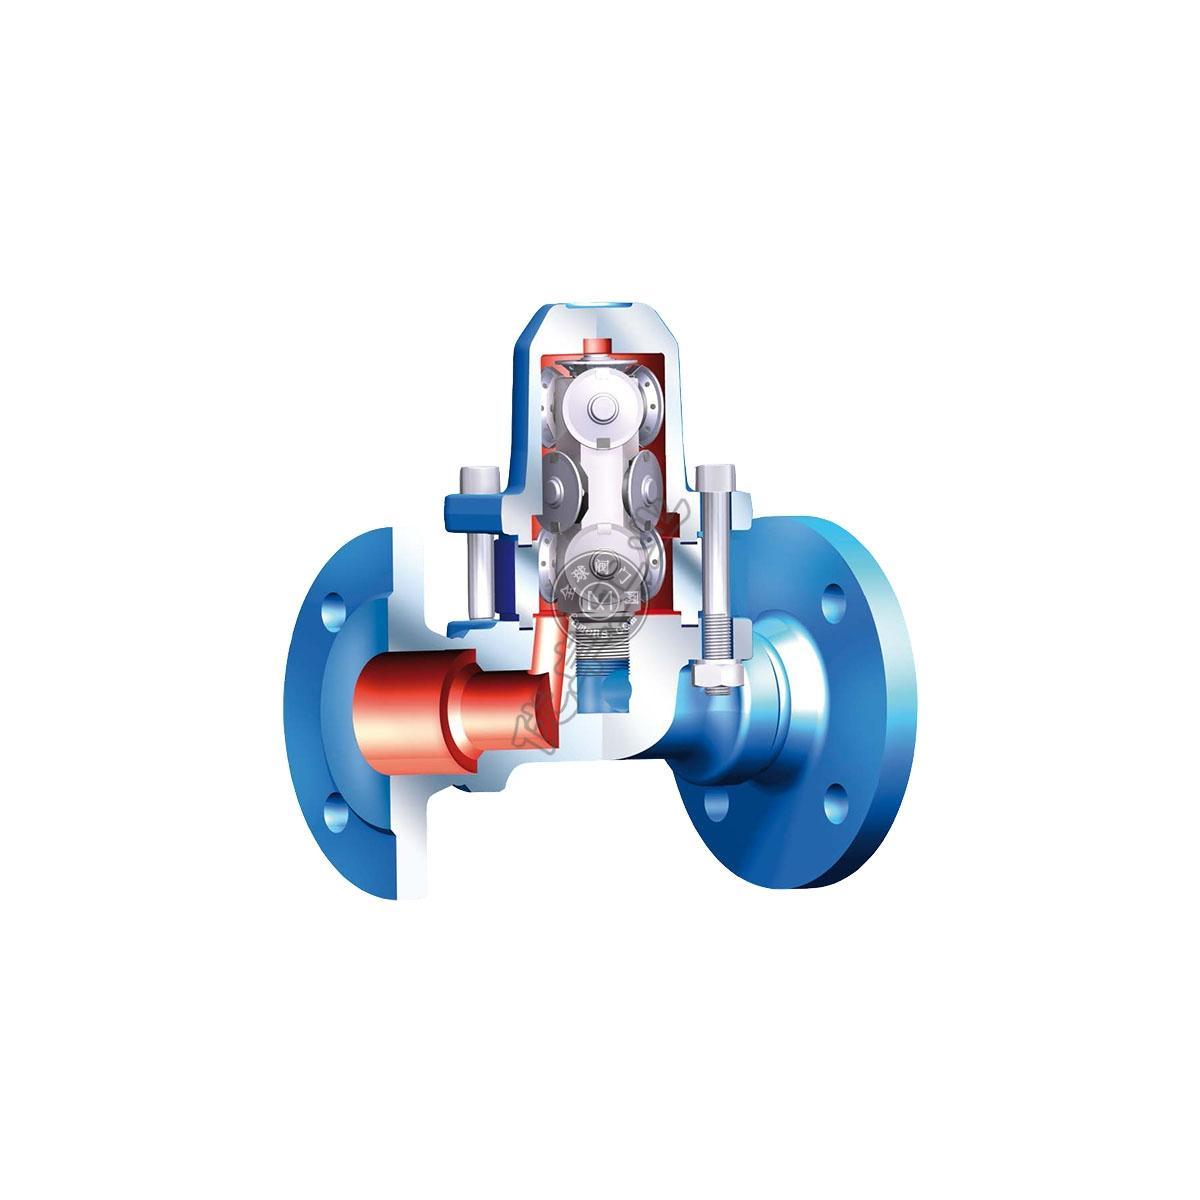 CONA M 用于蒸汽系統在不同冷凝水背壓下工況的膜盒式熱靜力疏水閥